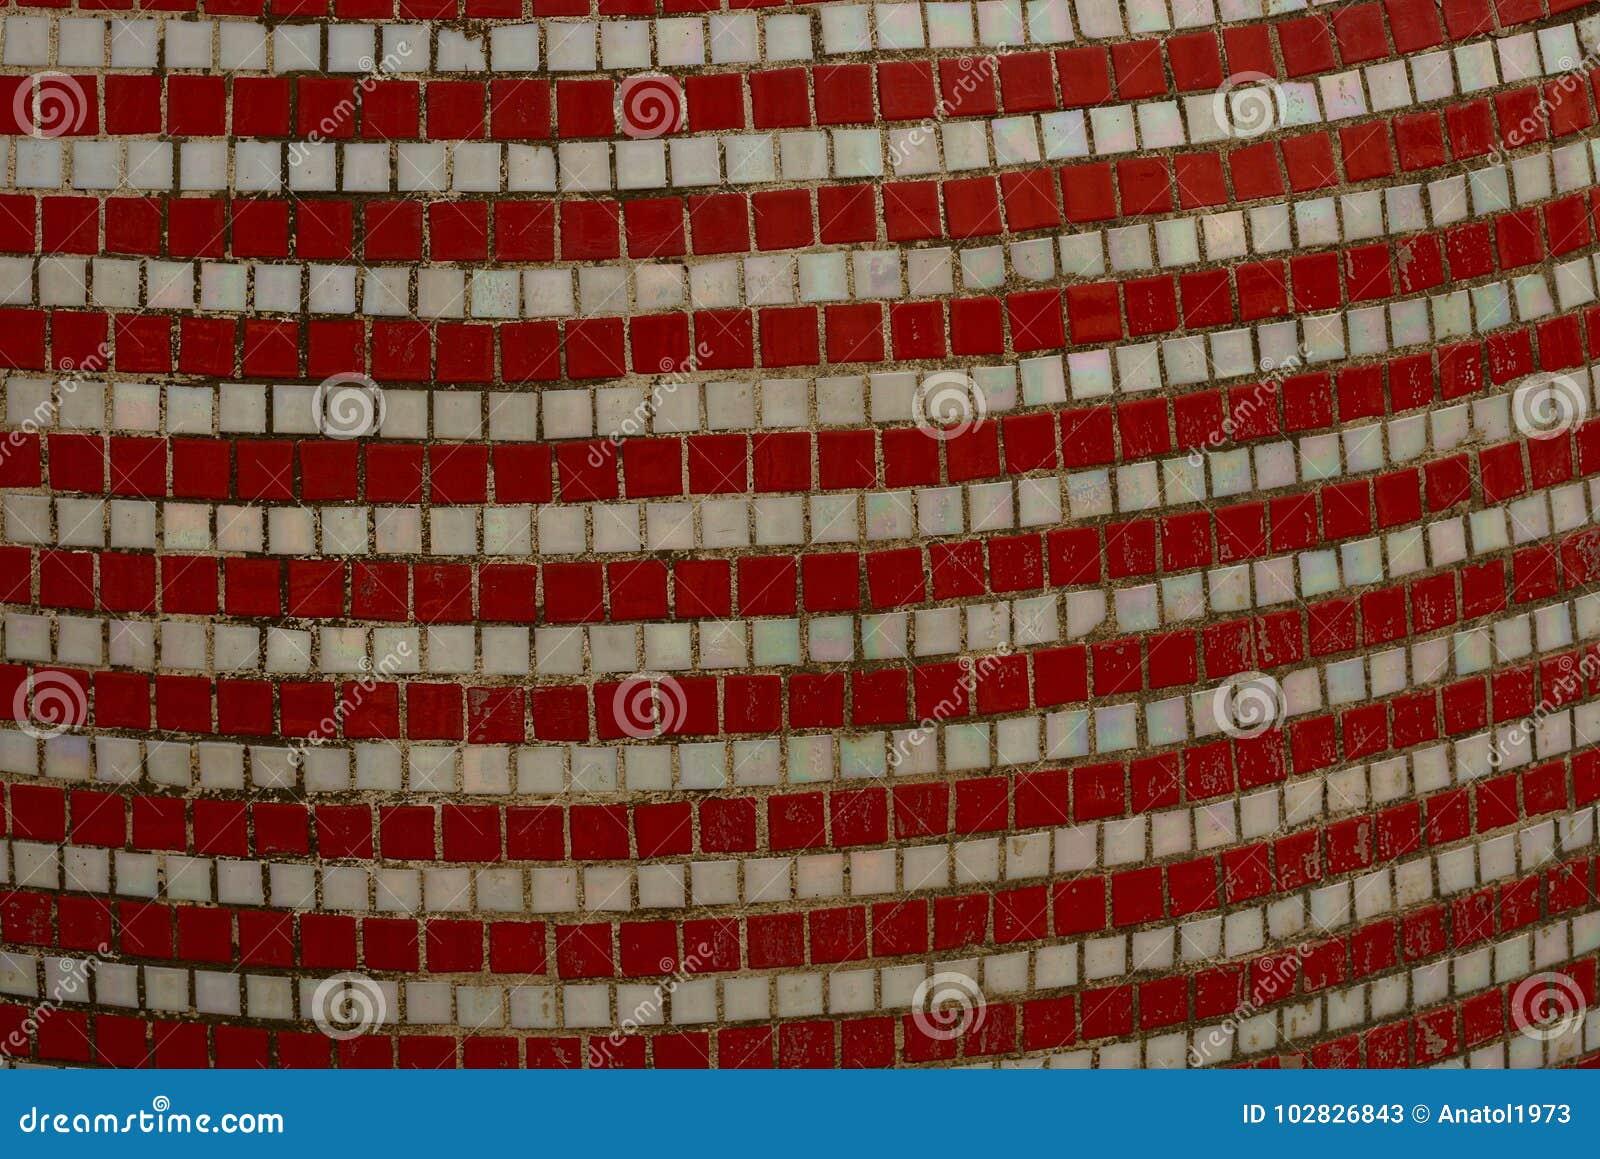 Struttura bianca rossa delle mattonelle quadrate ceramiche sulla